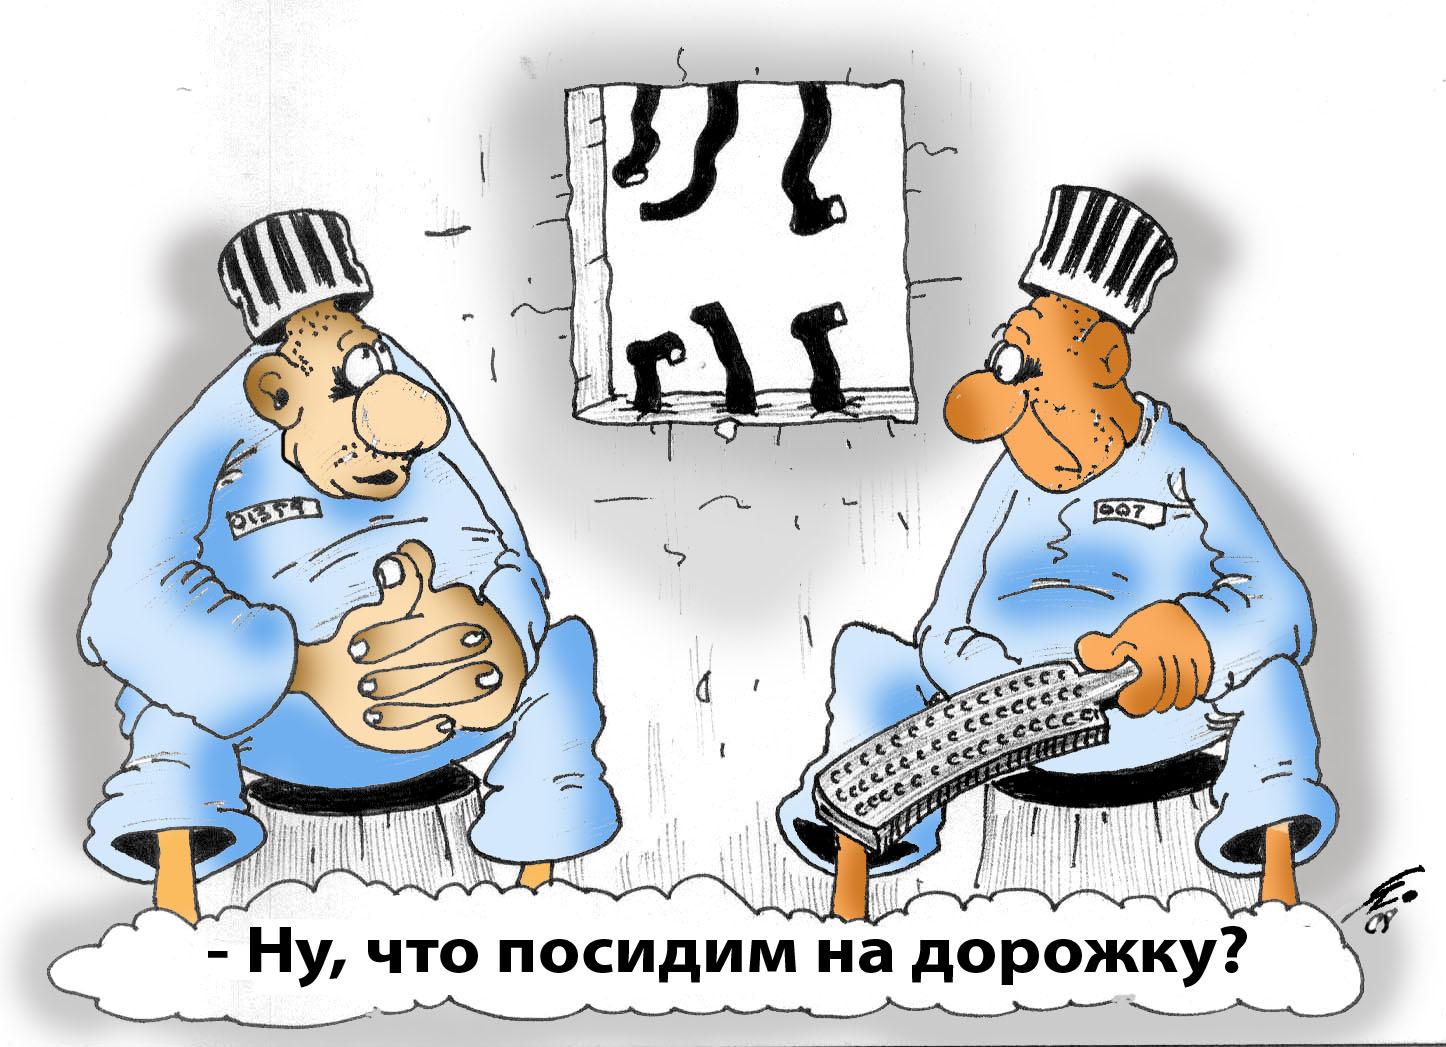 Картинки с приколами о тюрьме